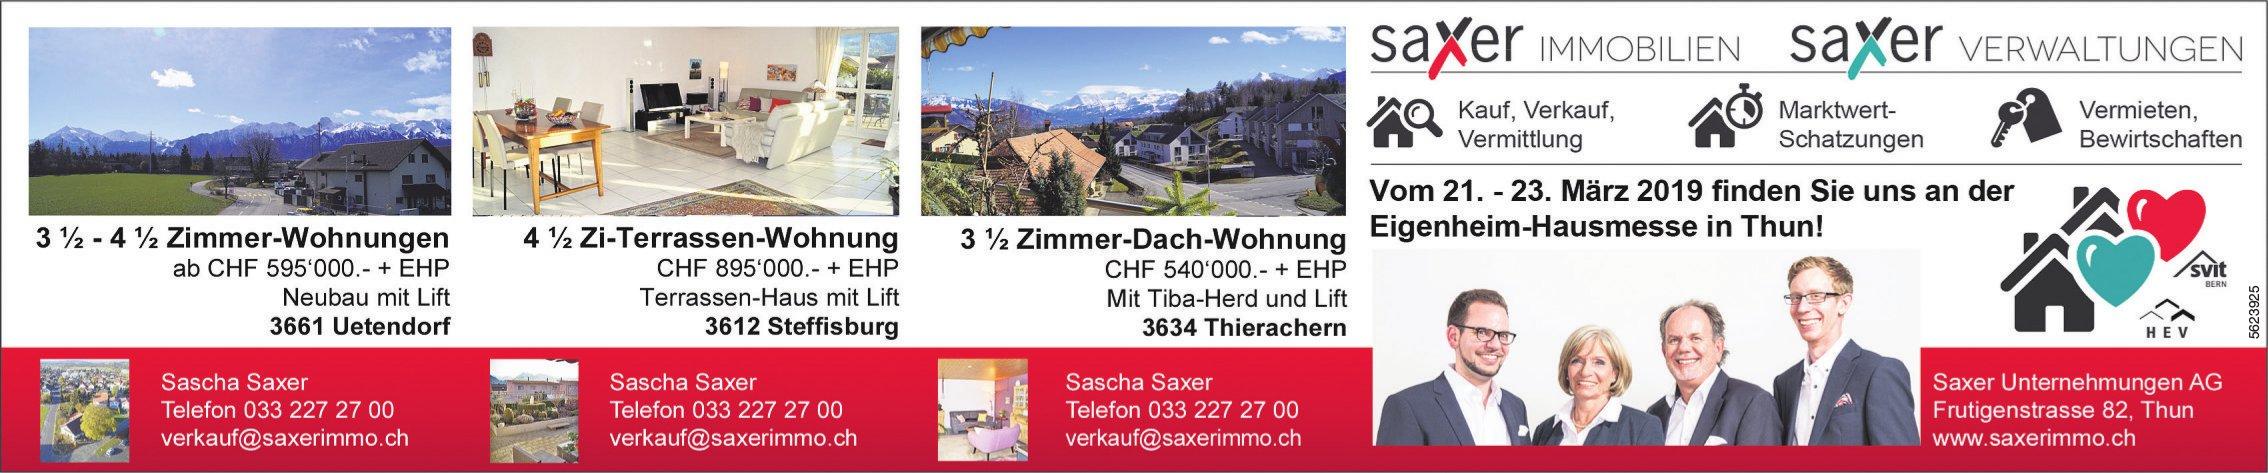 Saxer Unternehmungen AG - Immobilien zu verkaufen  + an der Eigenheim-Hausmesse, 21.-23. März